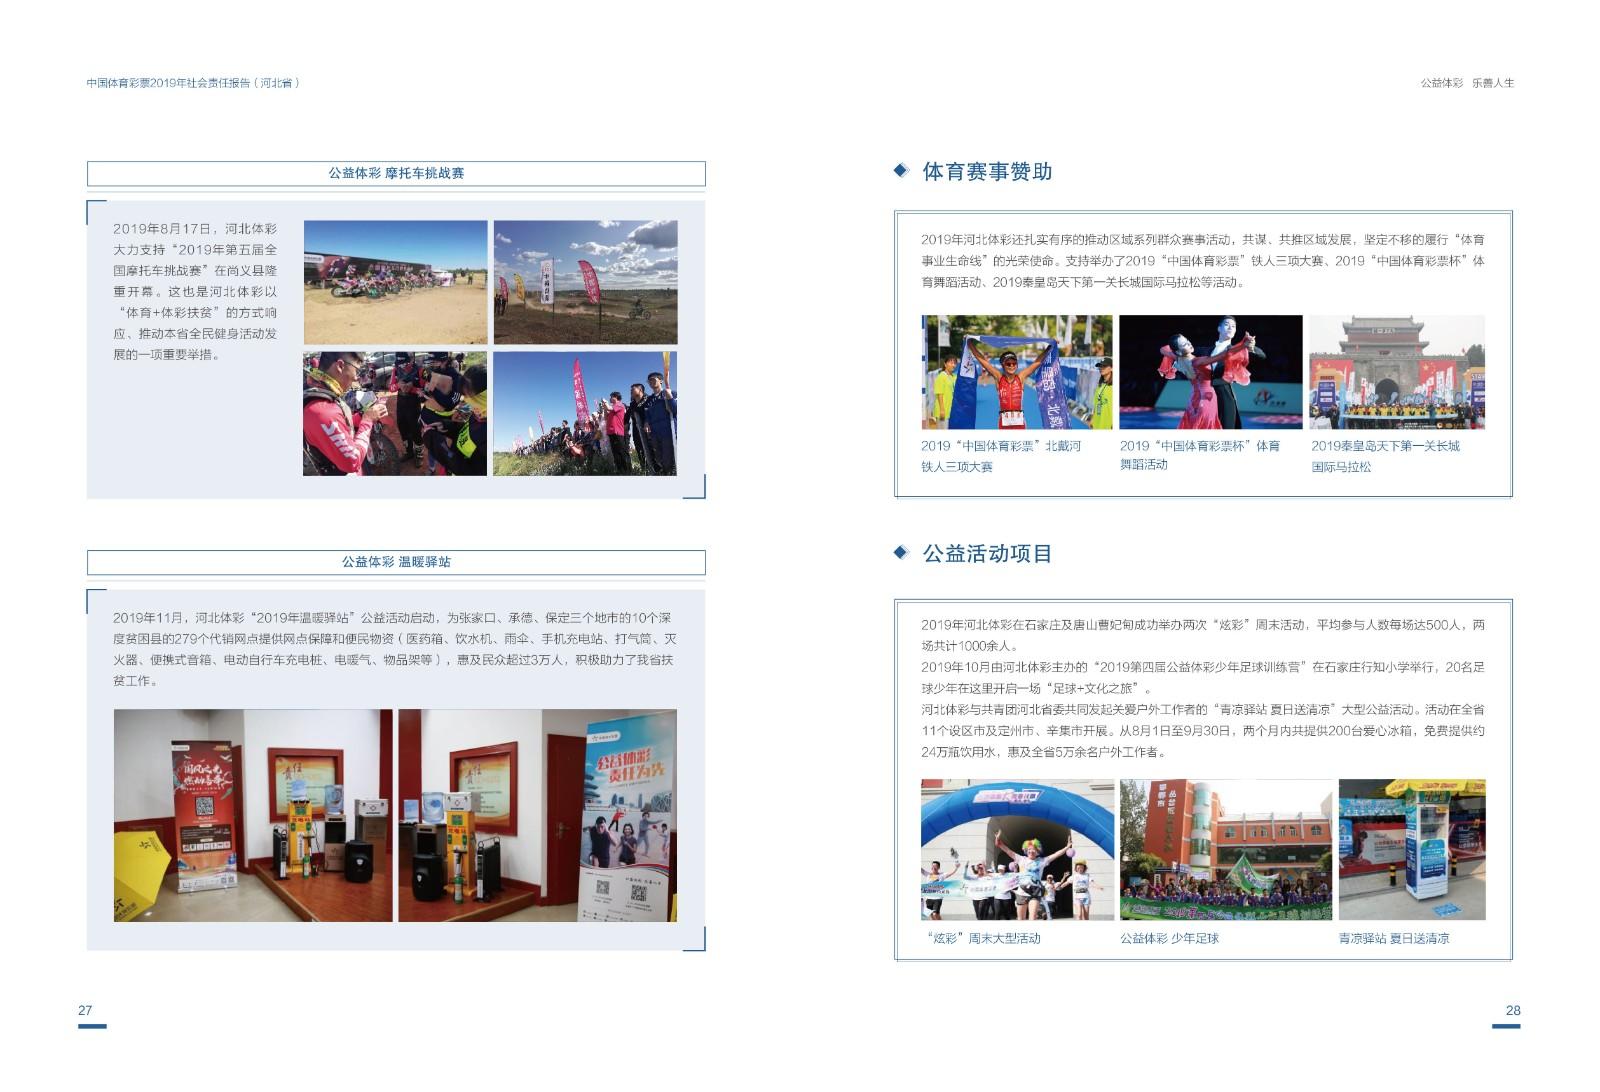 中国体育彩票2019社会责任报告(河北省)-15.jpg